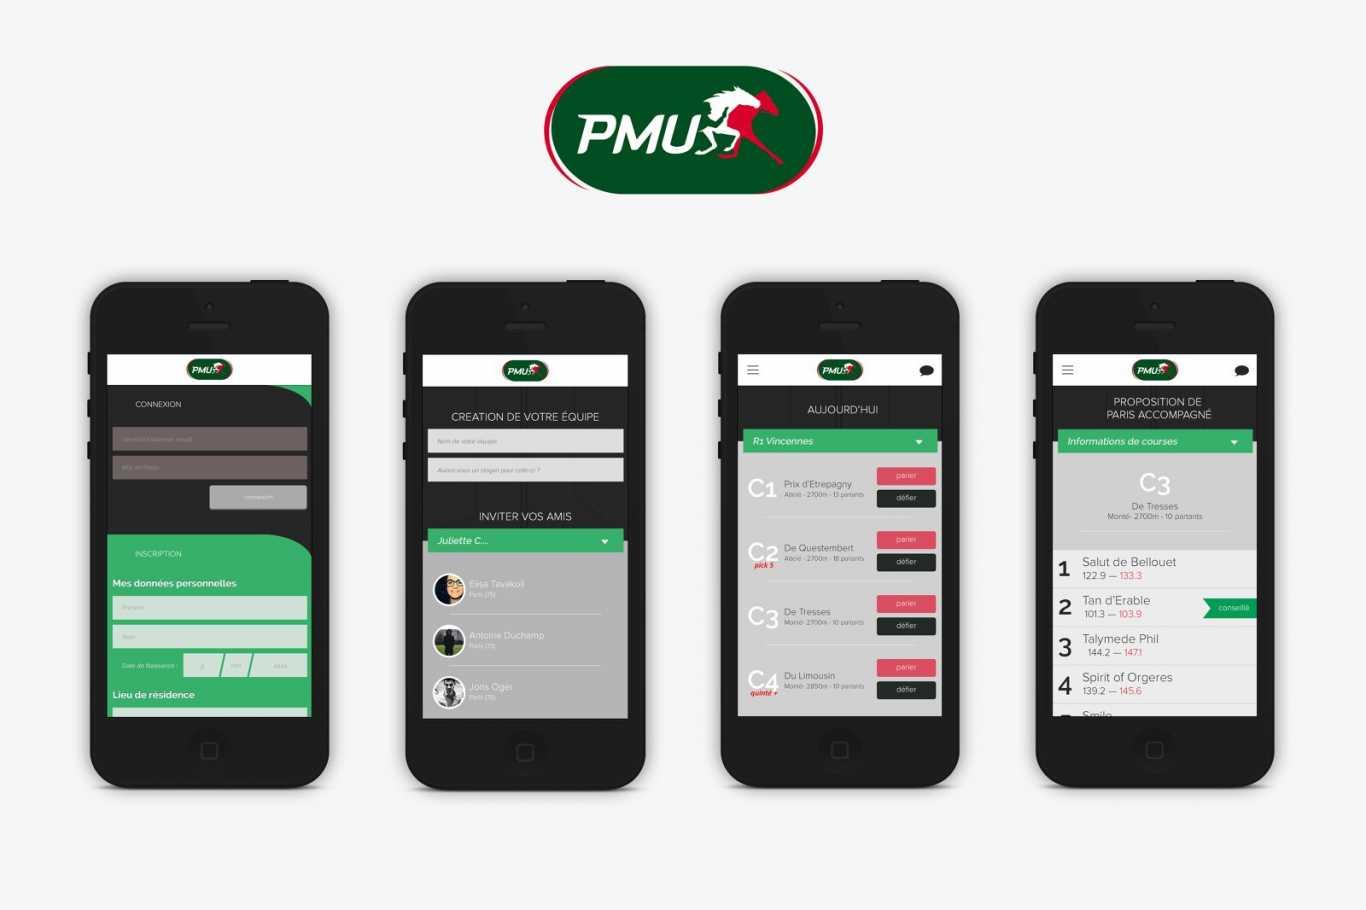 l'application mobile PMU